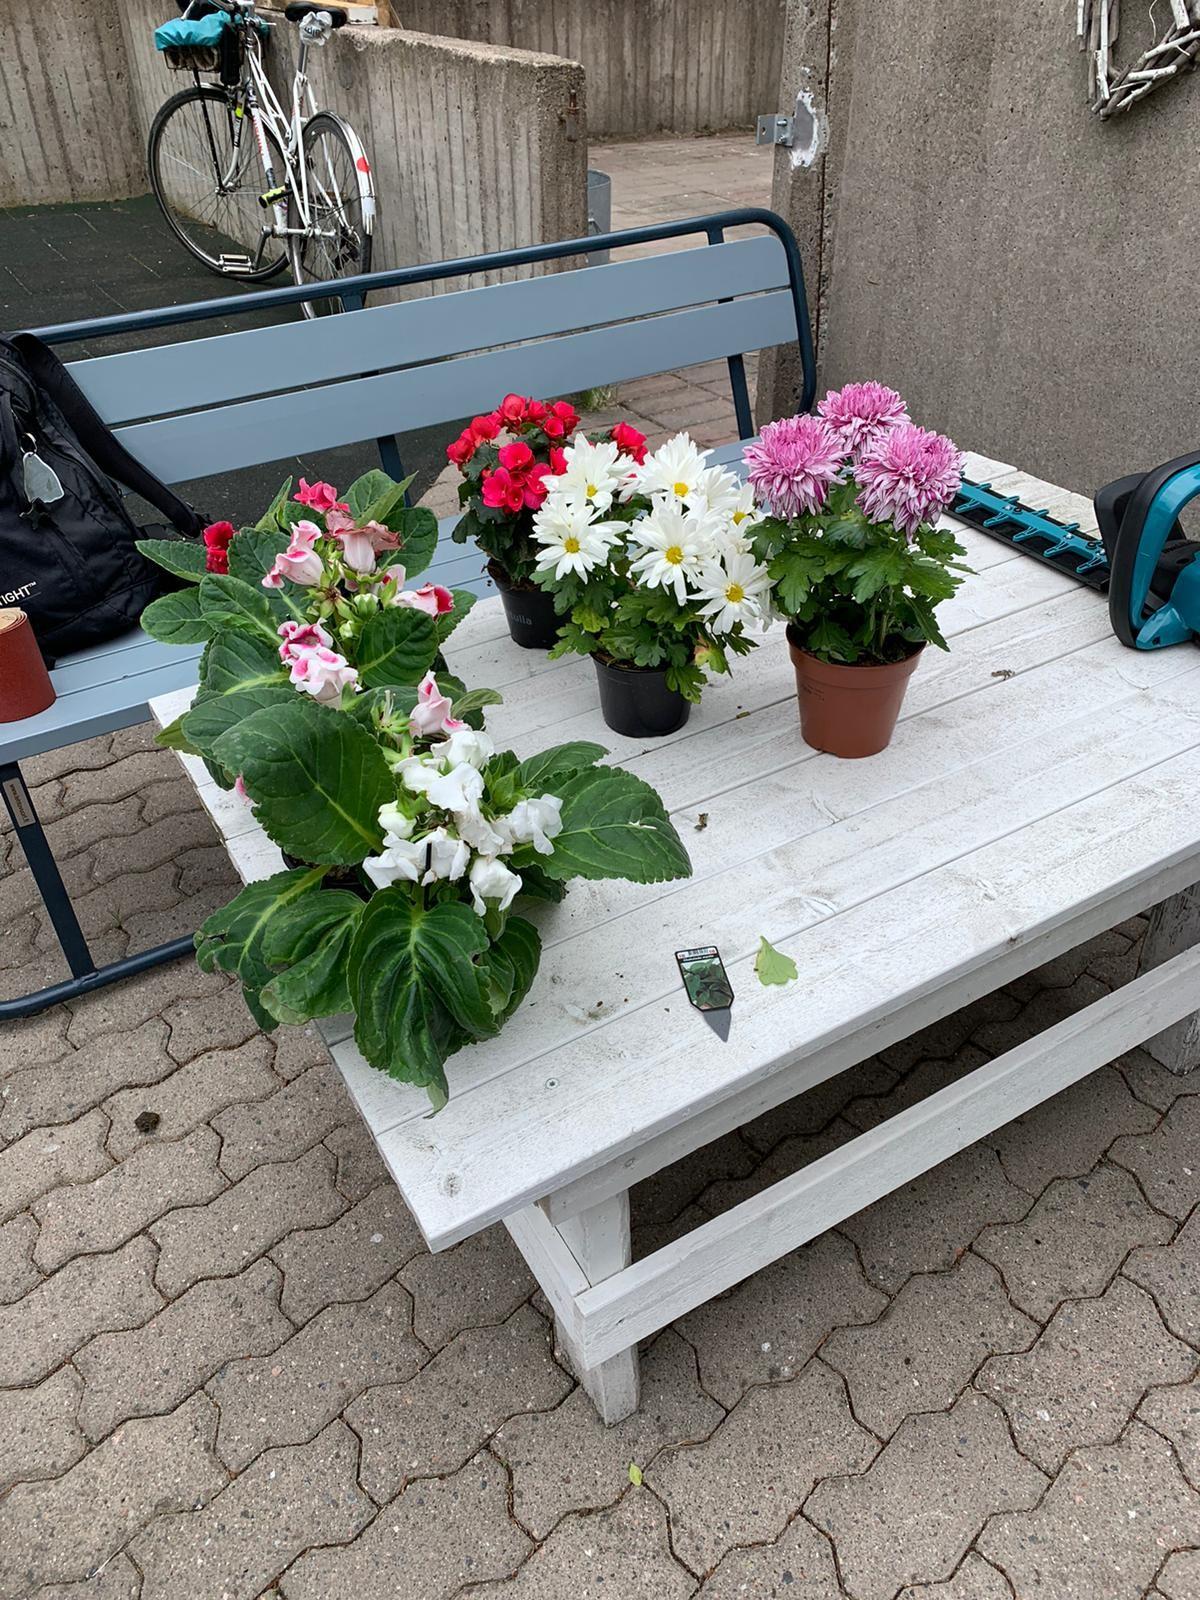 Valkoinen puinen pihapöytä, jonka päällä on kuusi kukkaruukkua.